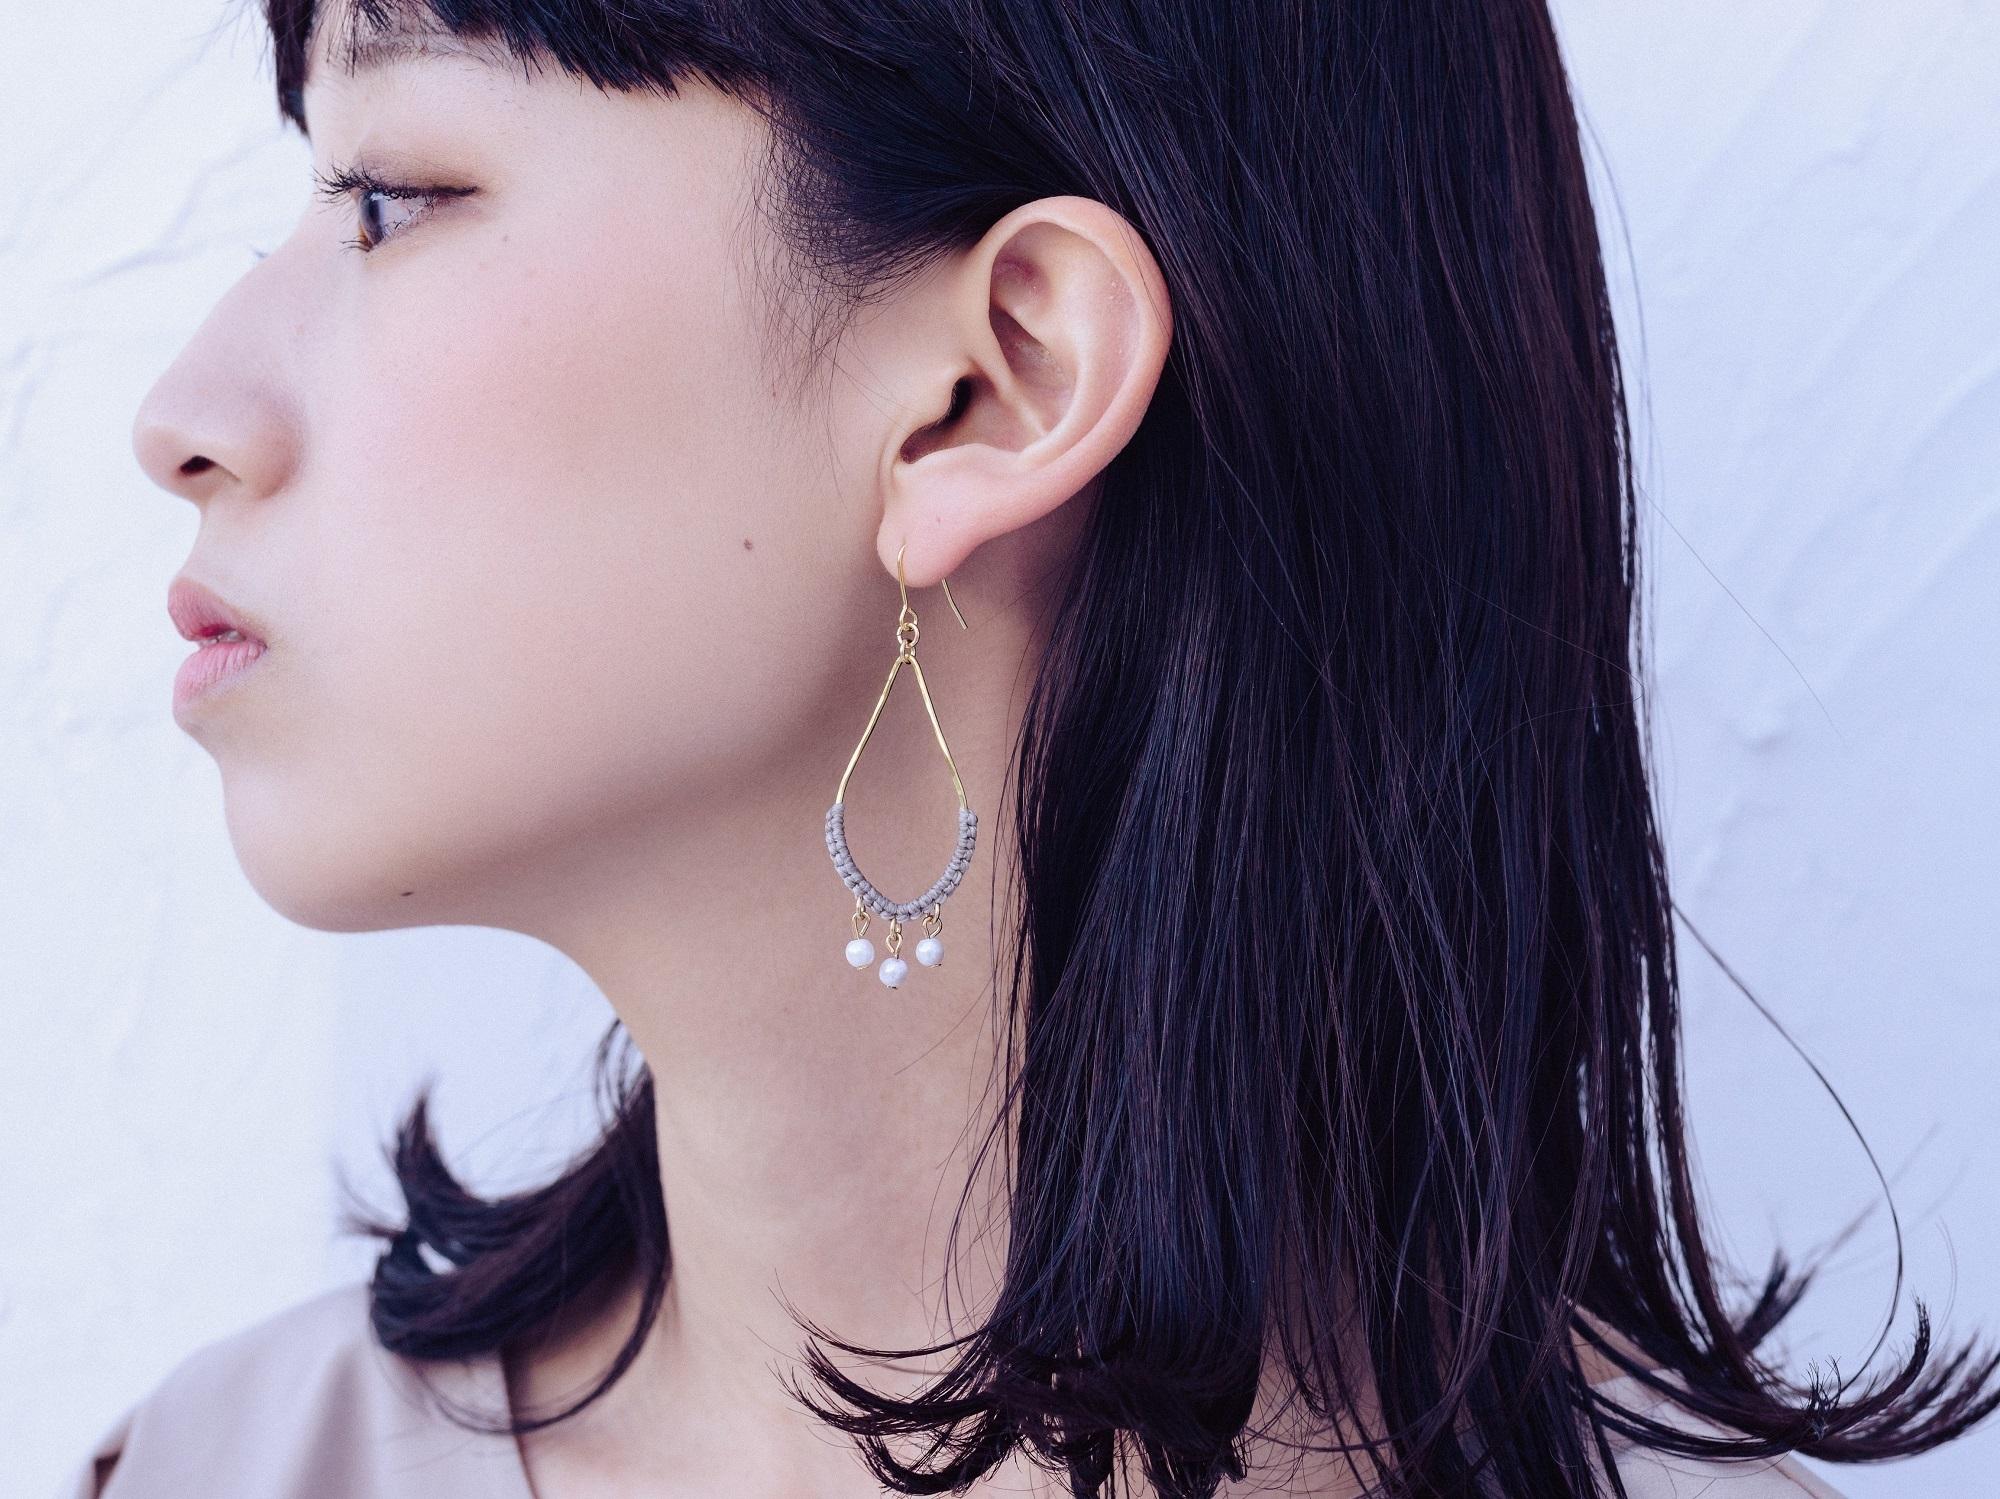 《niruc×KnottWorks》Brass/Pearl Drop Earrings×3colors